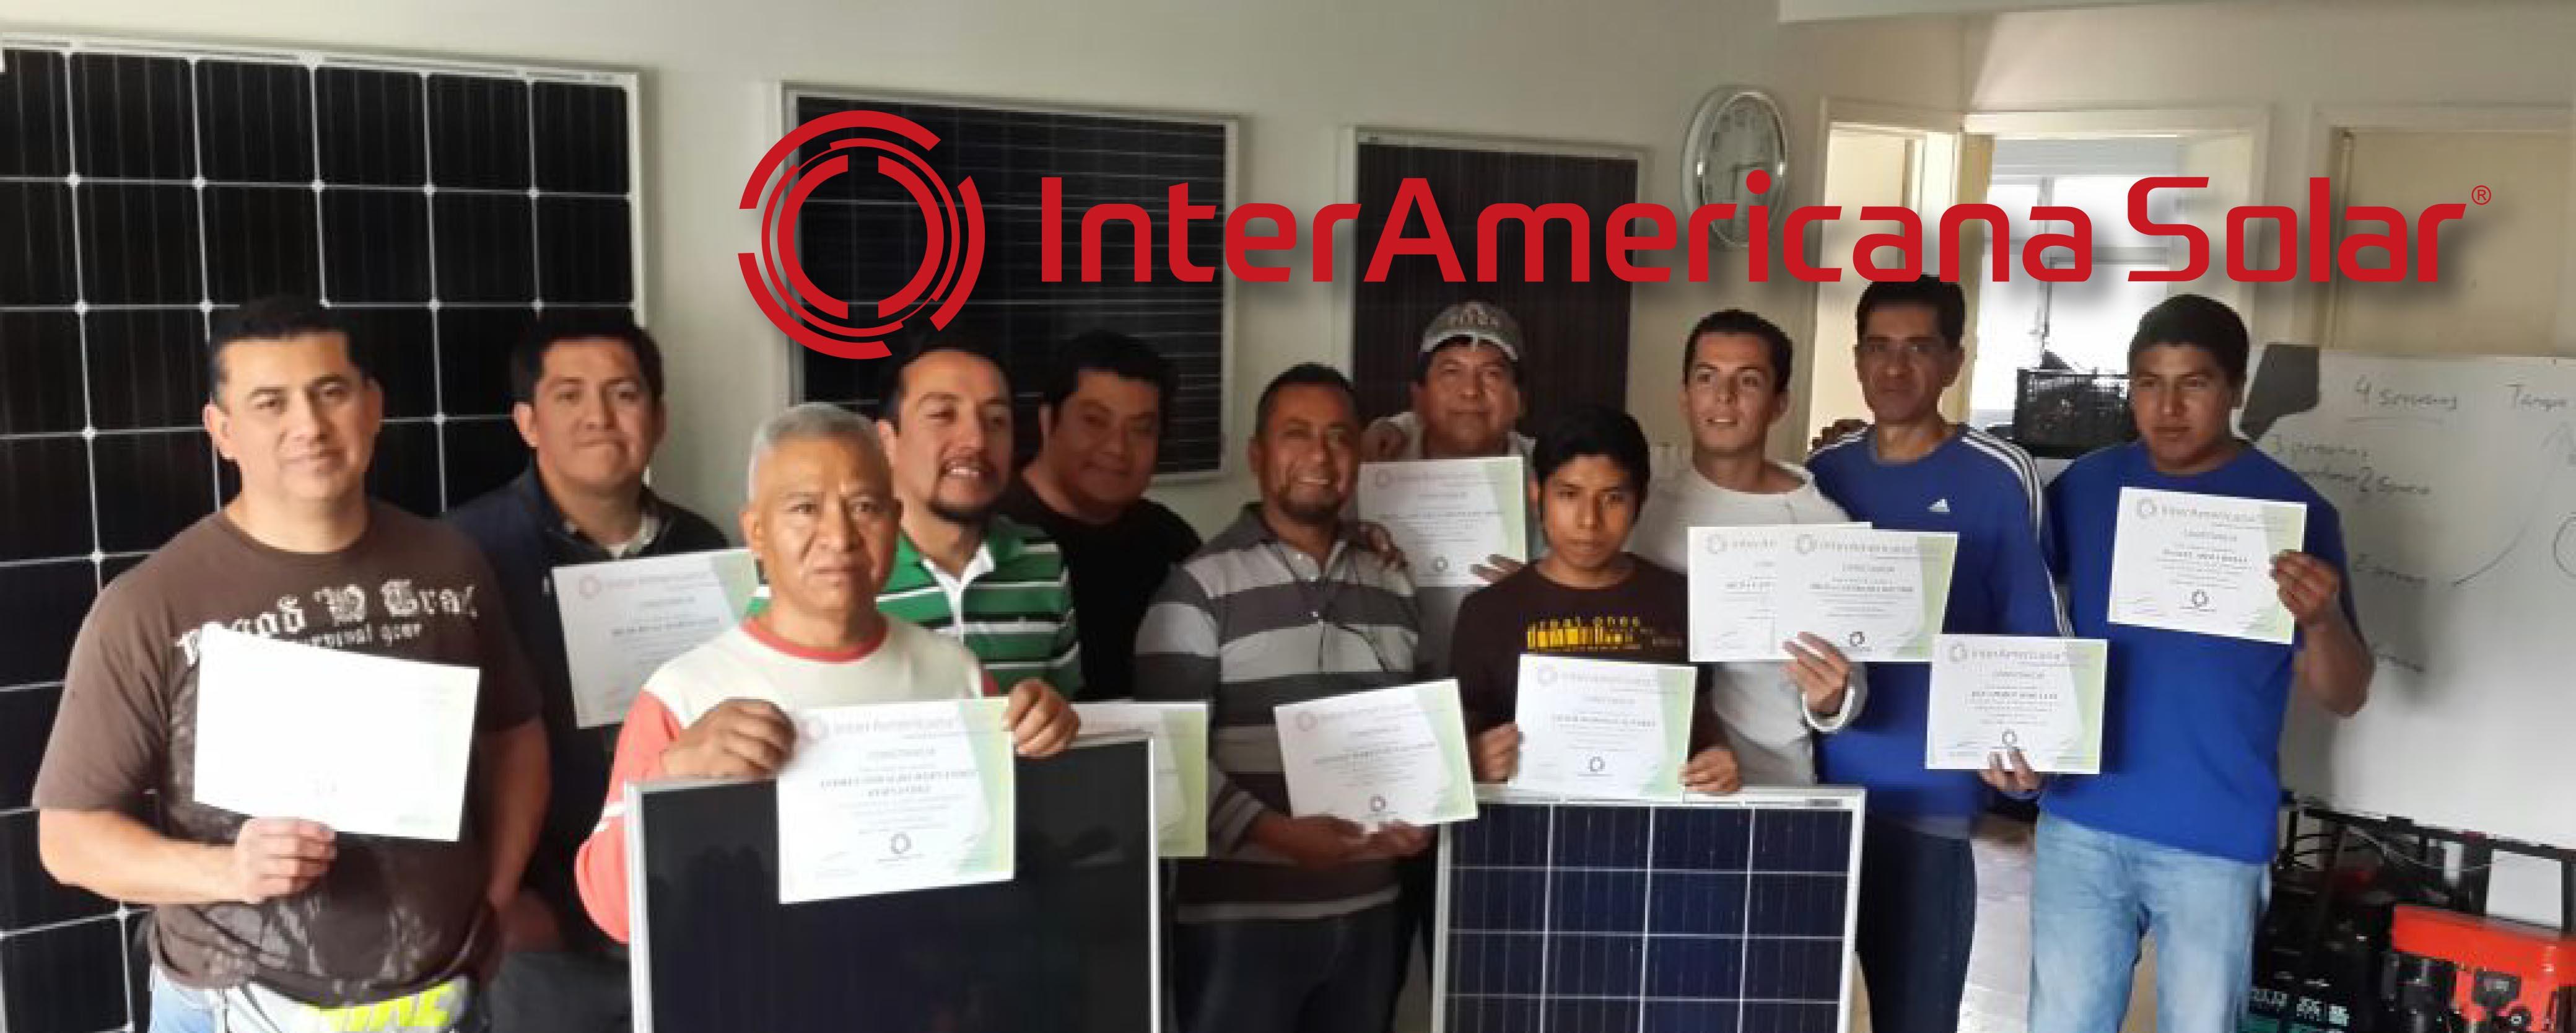 Curso de Instalación de Paneles Solares en Monterrey